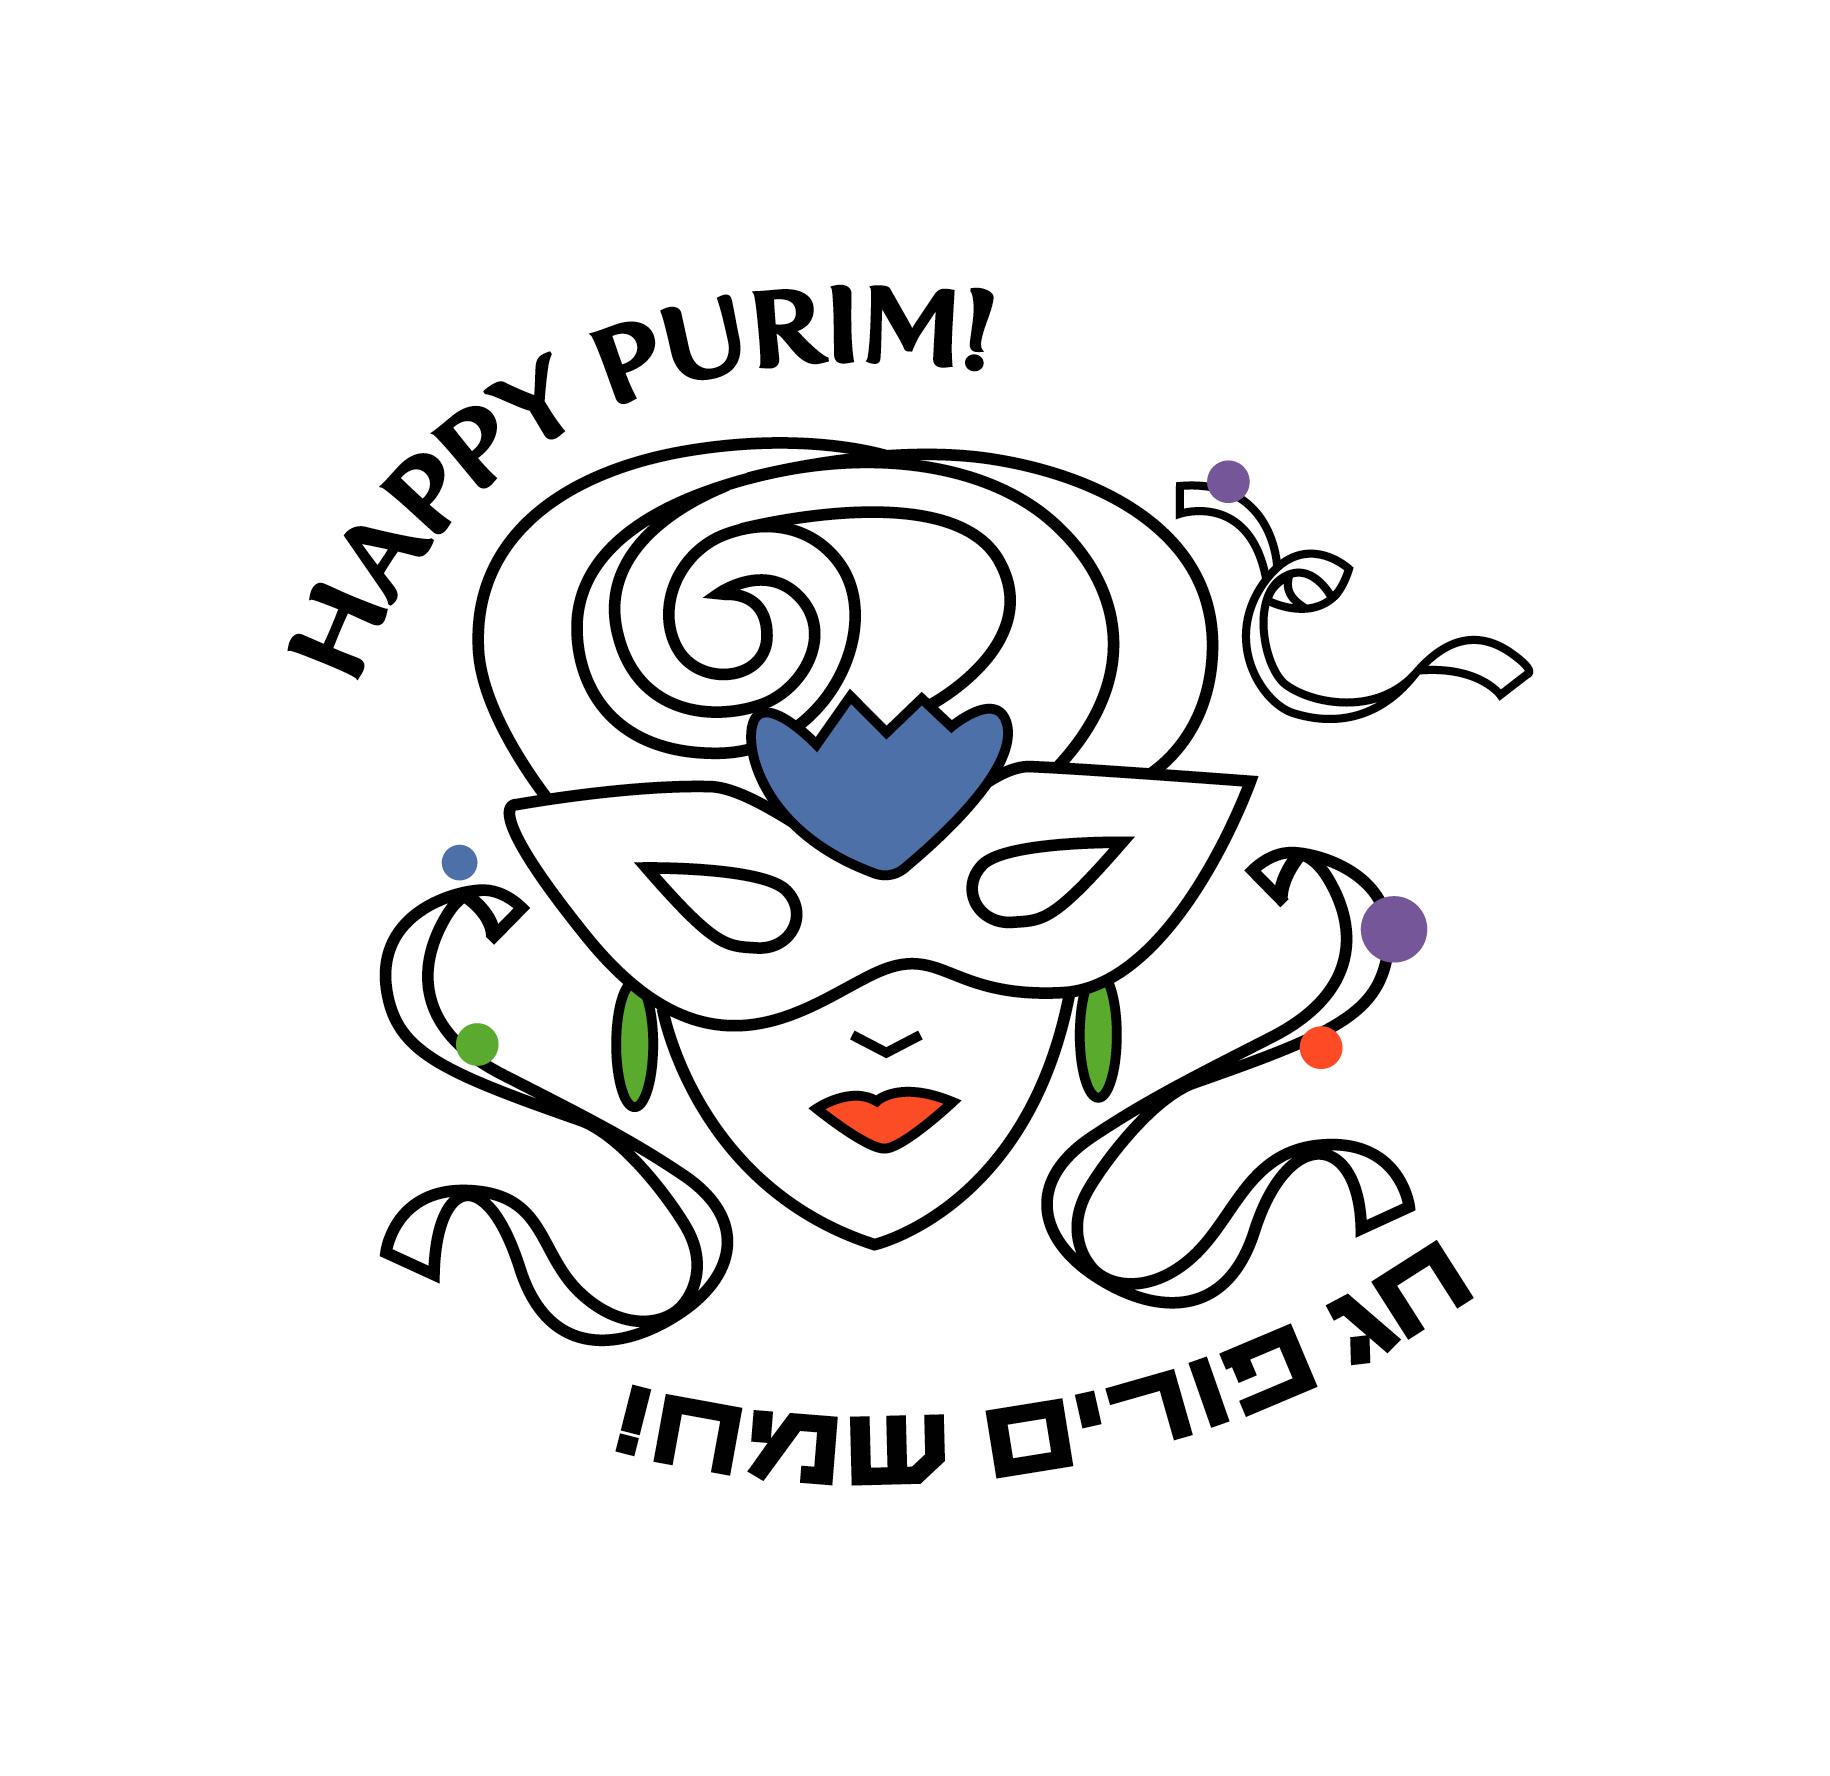 AZM_PurimIllustration_01